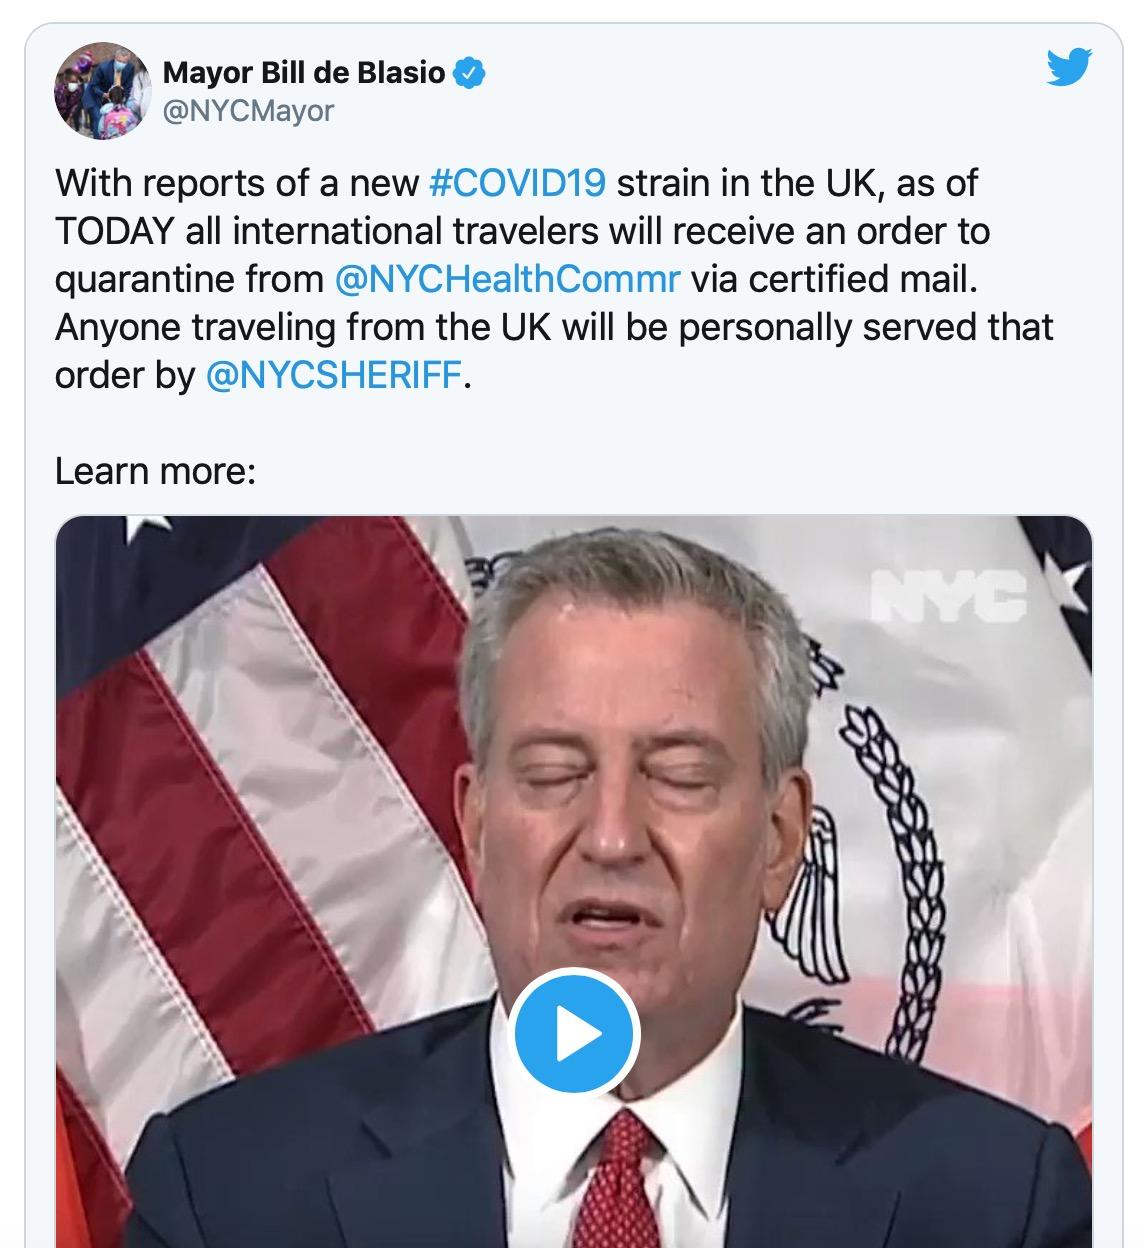 纽约市要求所有国际旅客入境后隔离,英国旅客将受警察监督